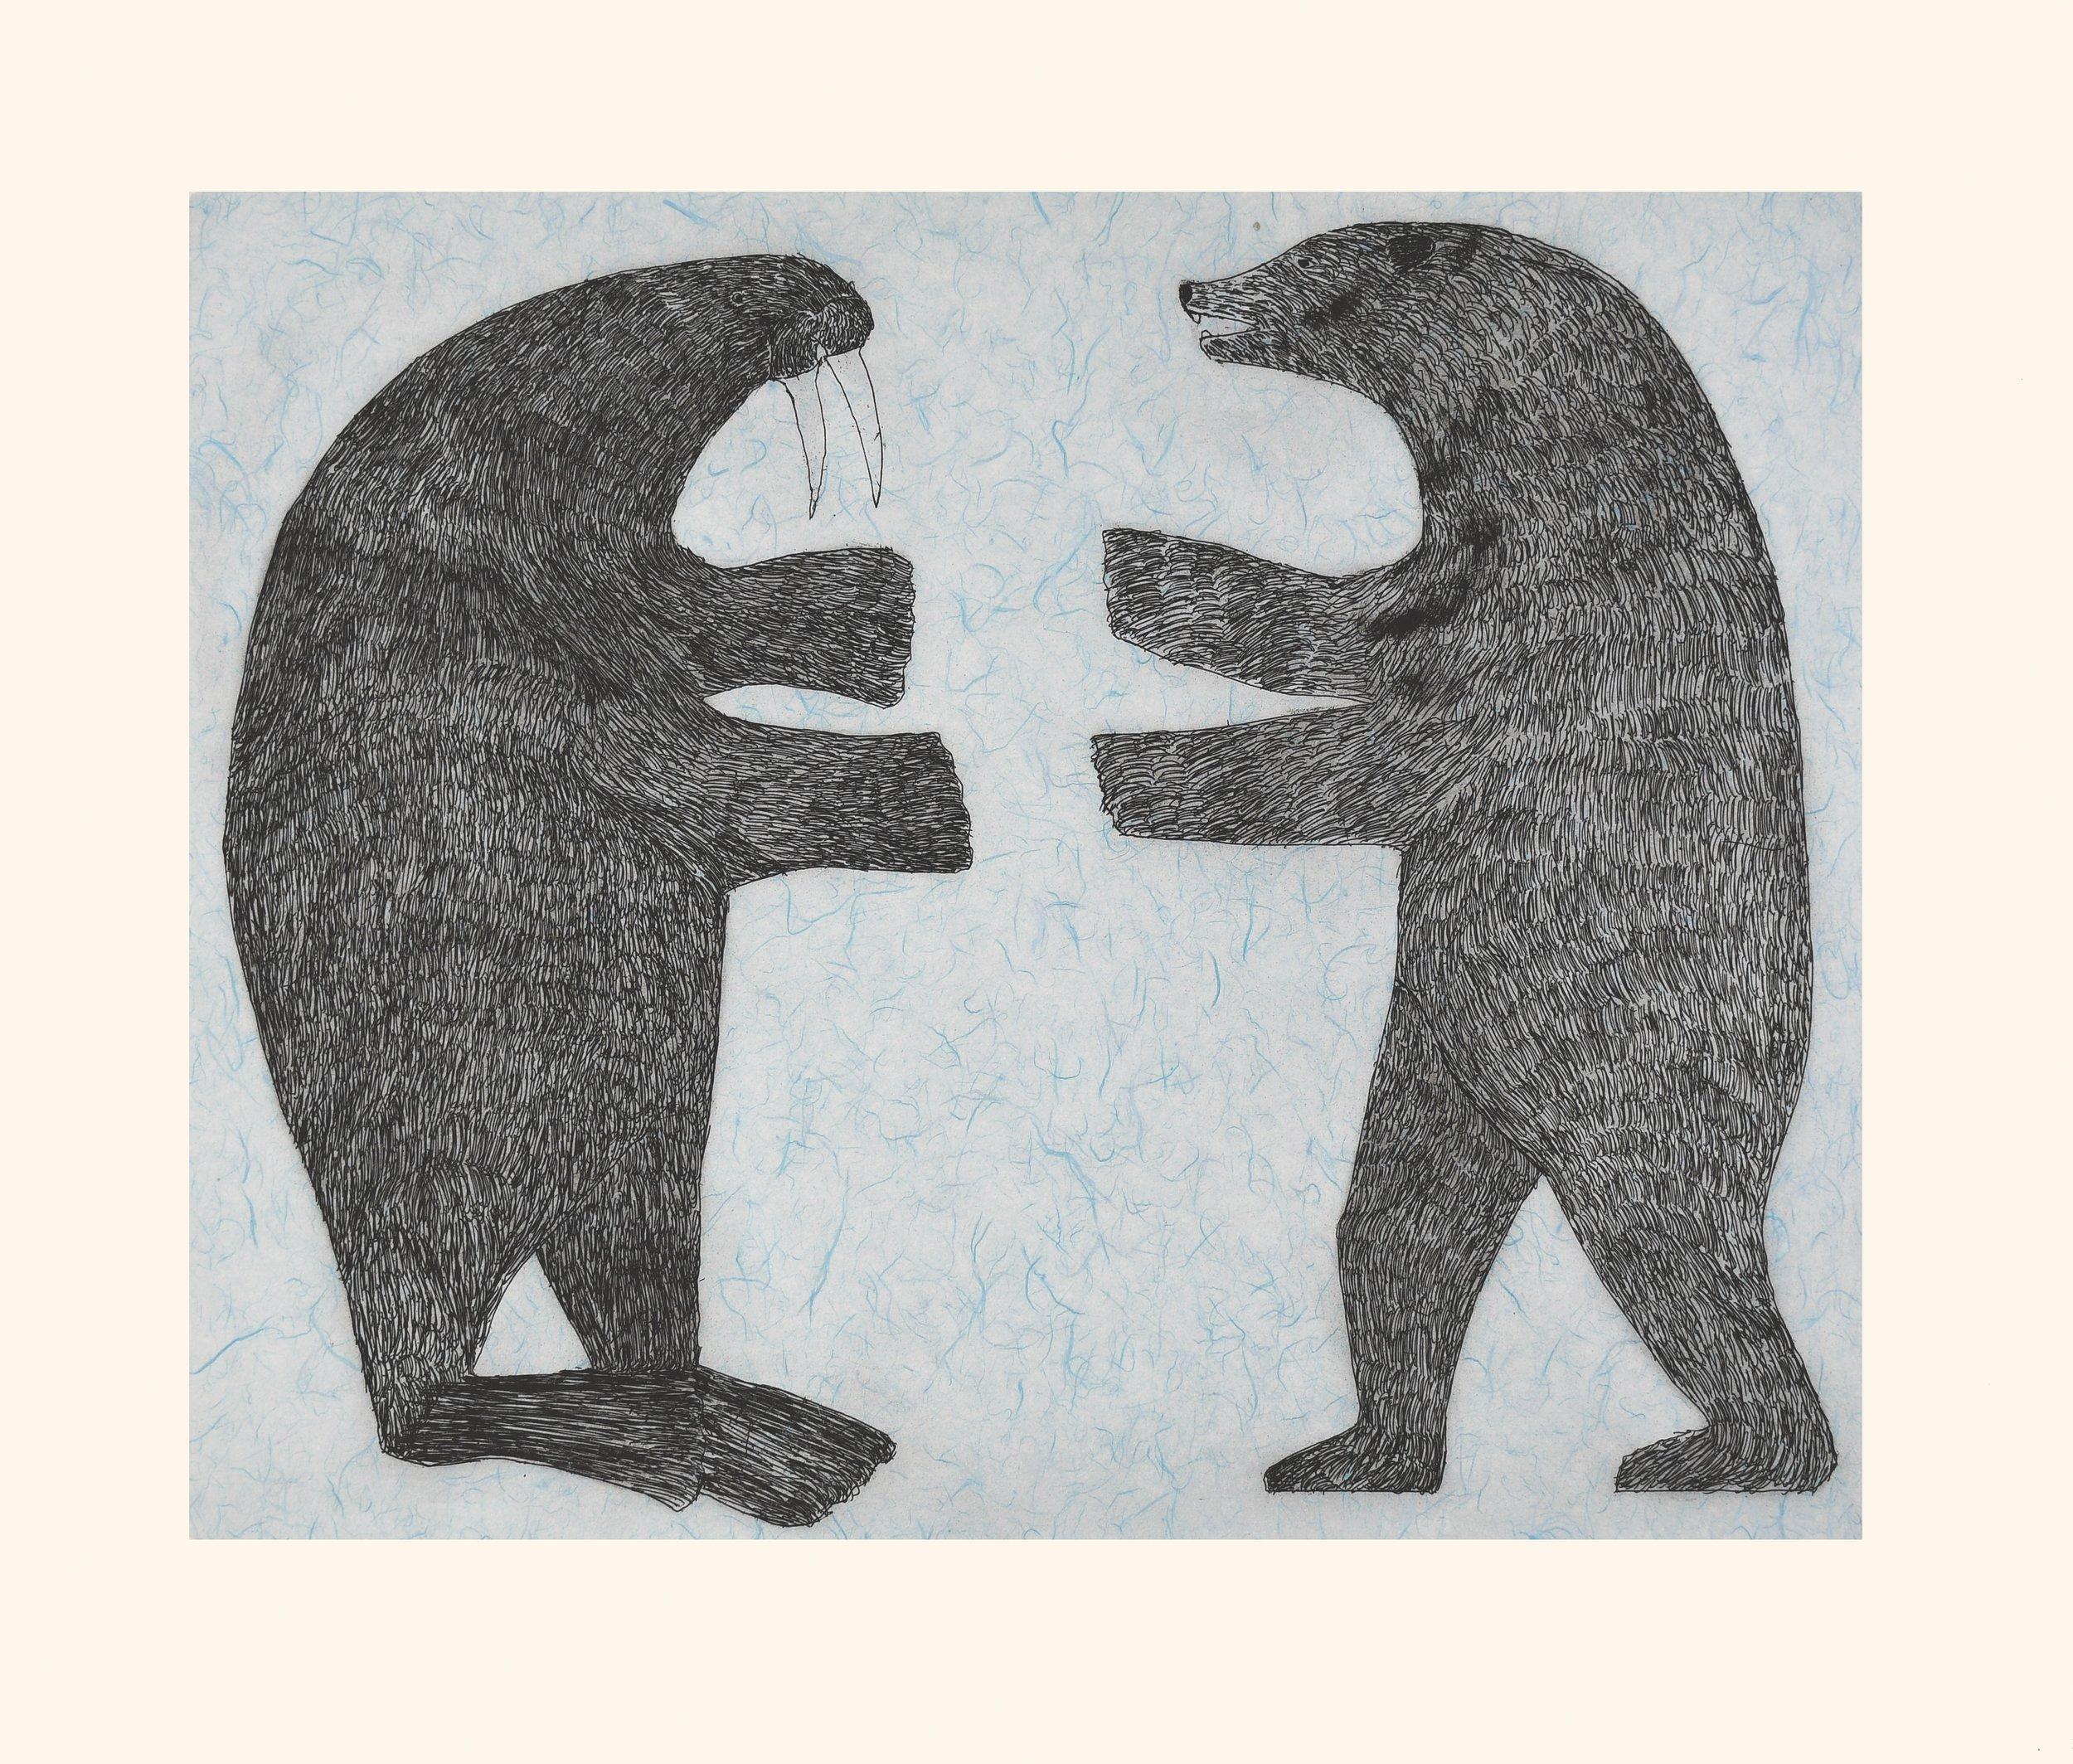 NUNA PARR  29. Confrontation  Etching & Chine Collé  Paper: Arches White  Printer: Studio PM  80 x 94 cm  $ 1000